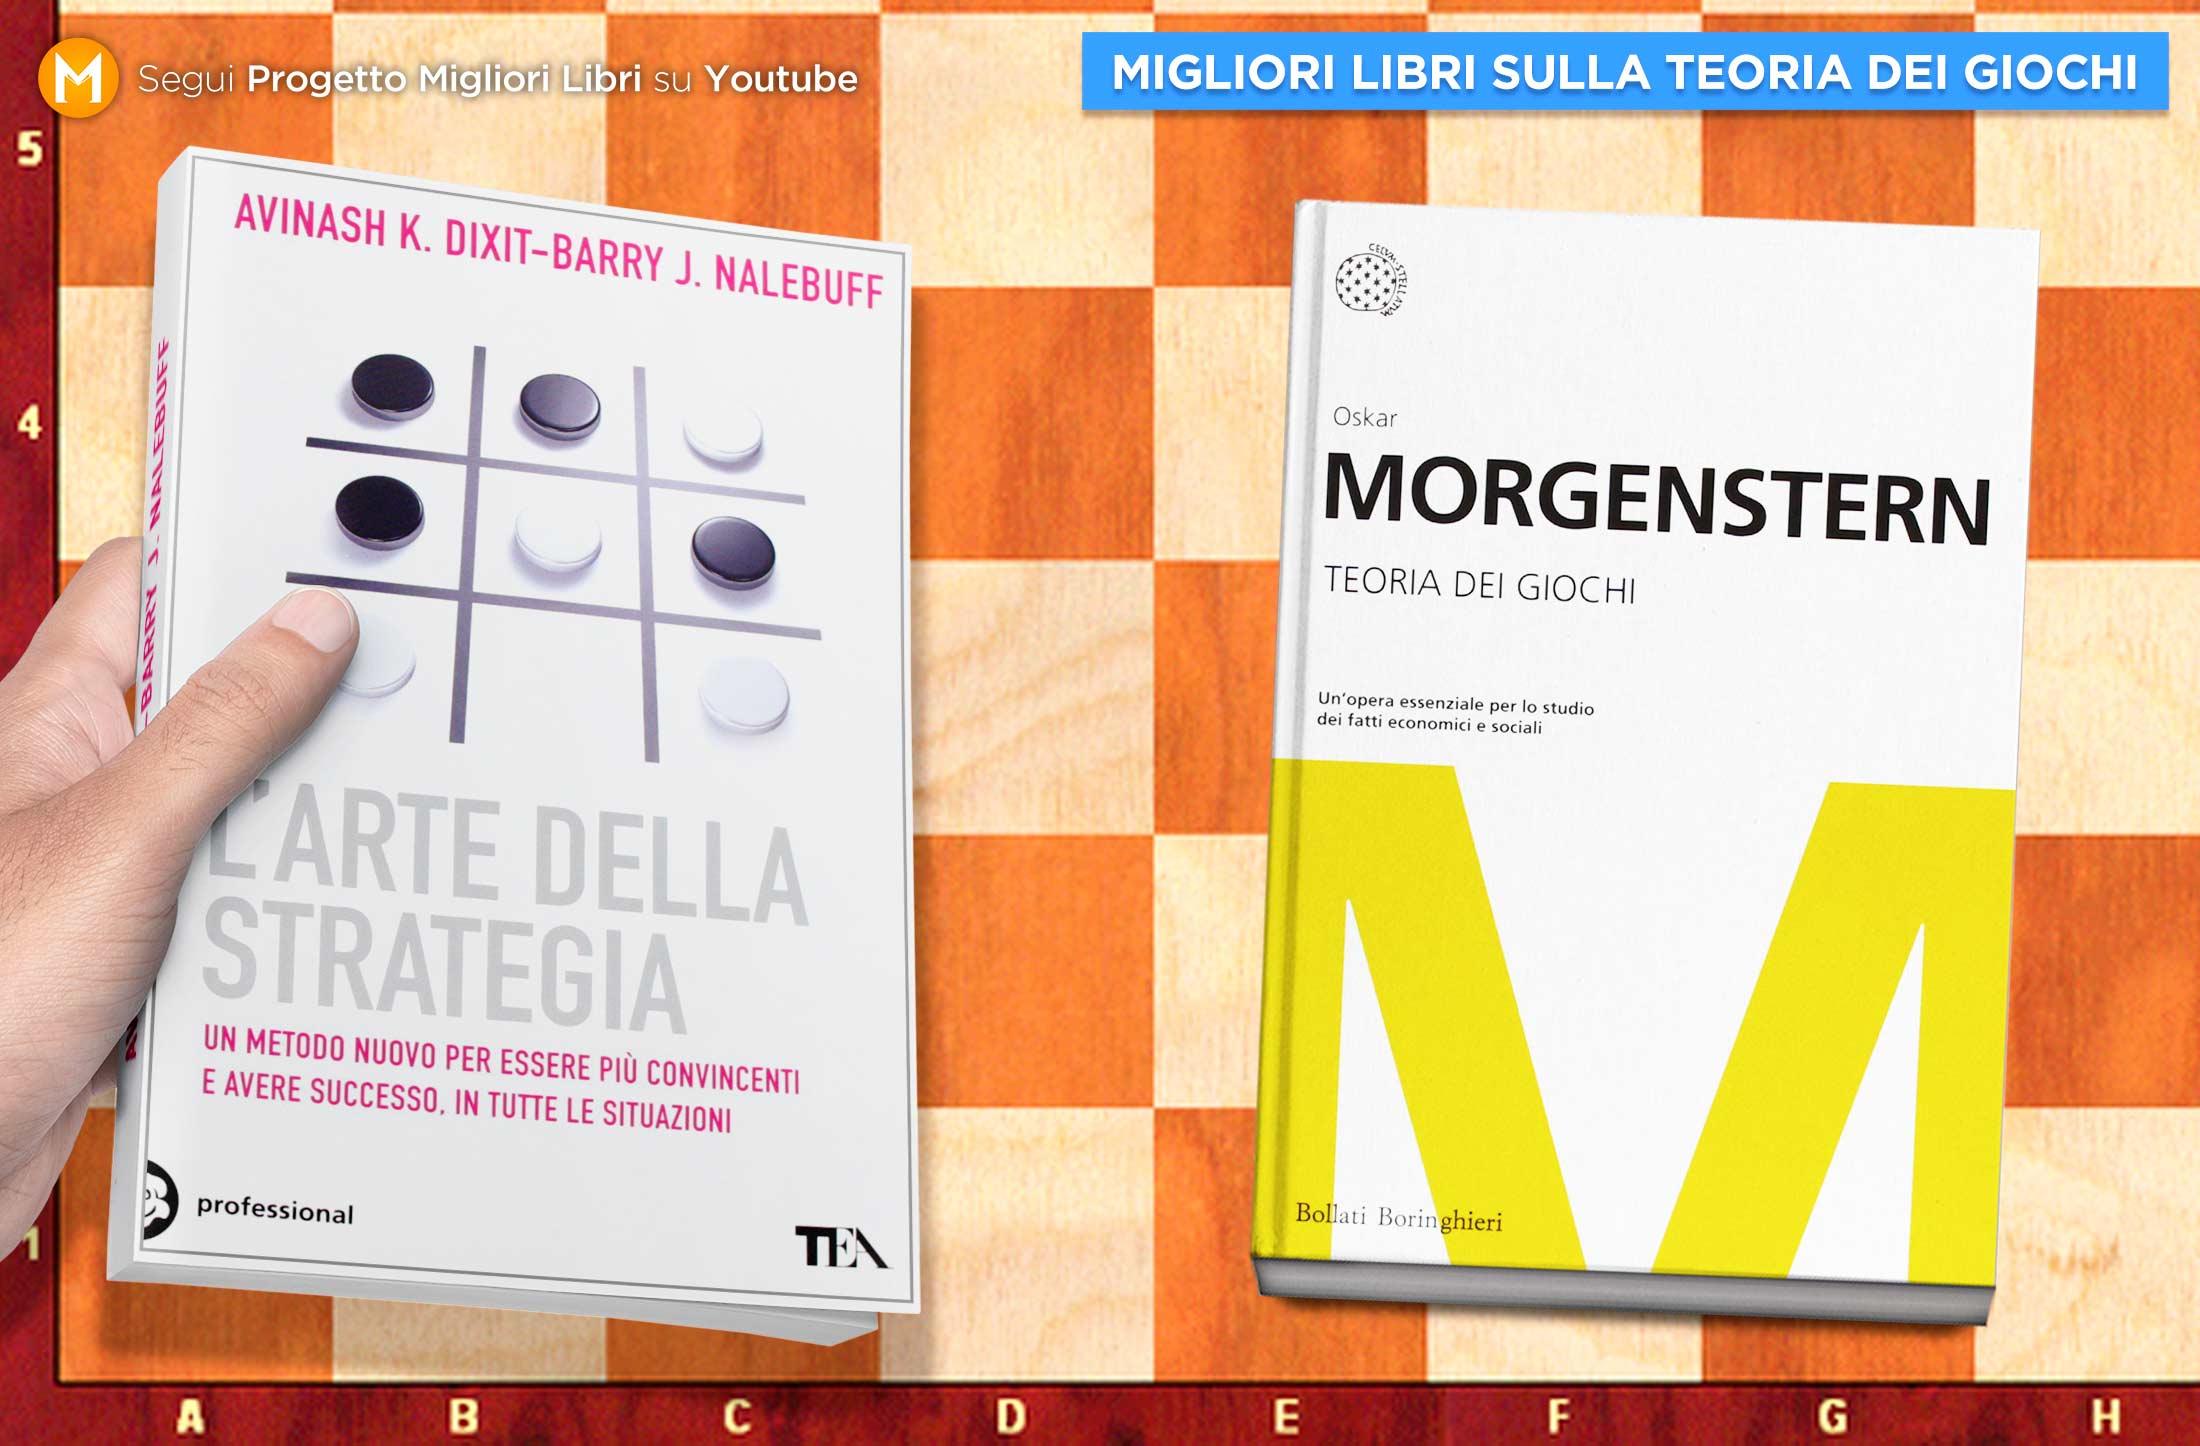 migliori-libri-sulla-teoria-dei-giochi